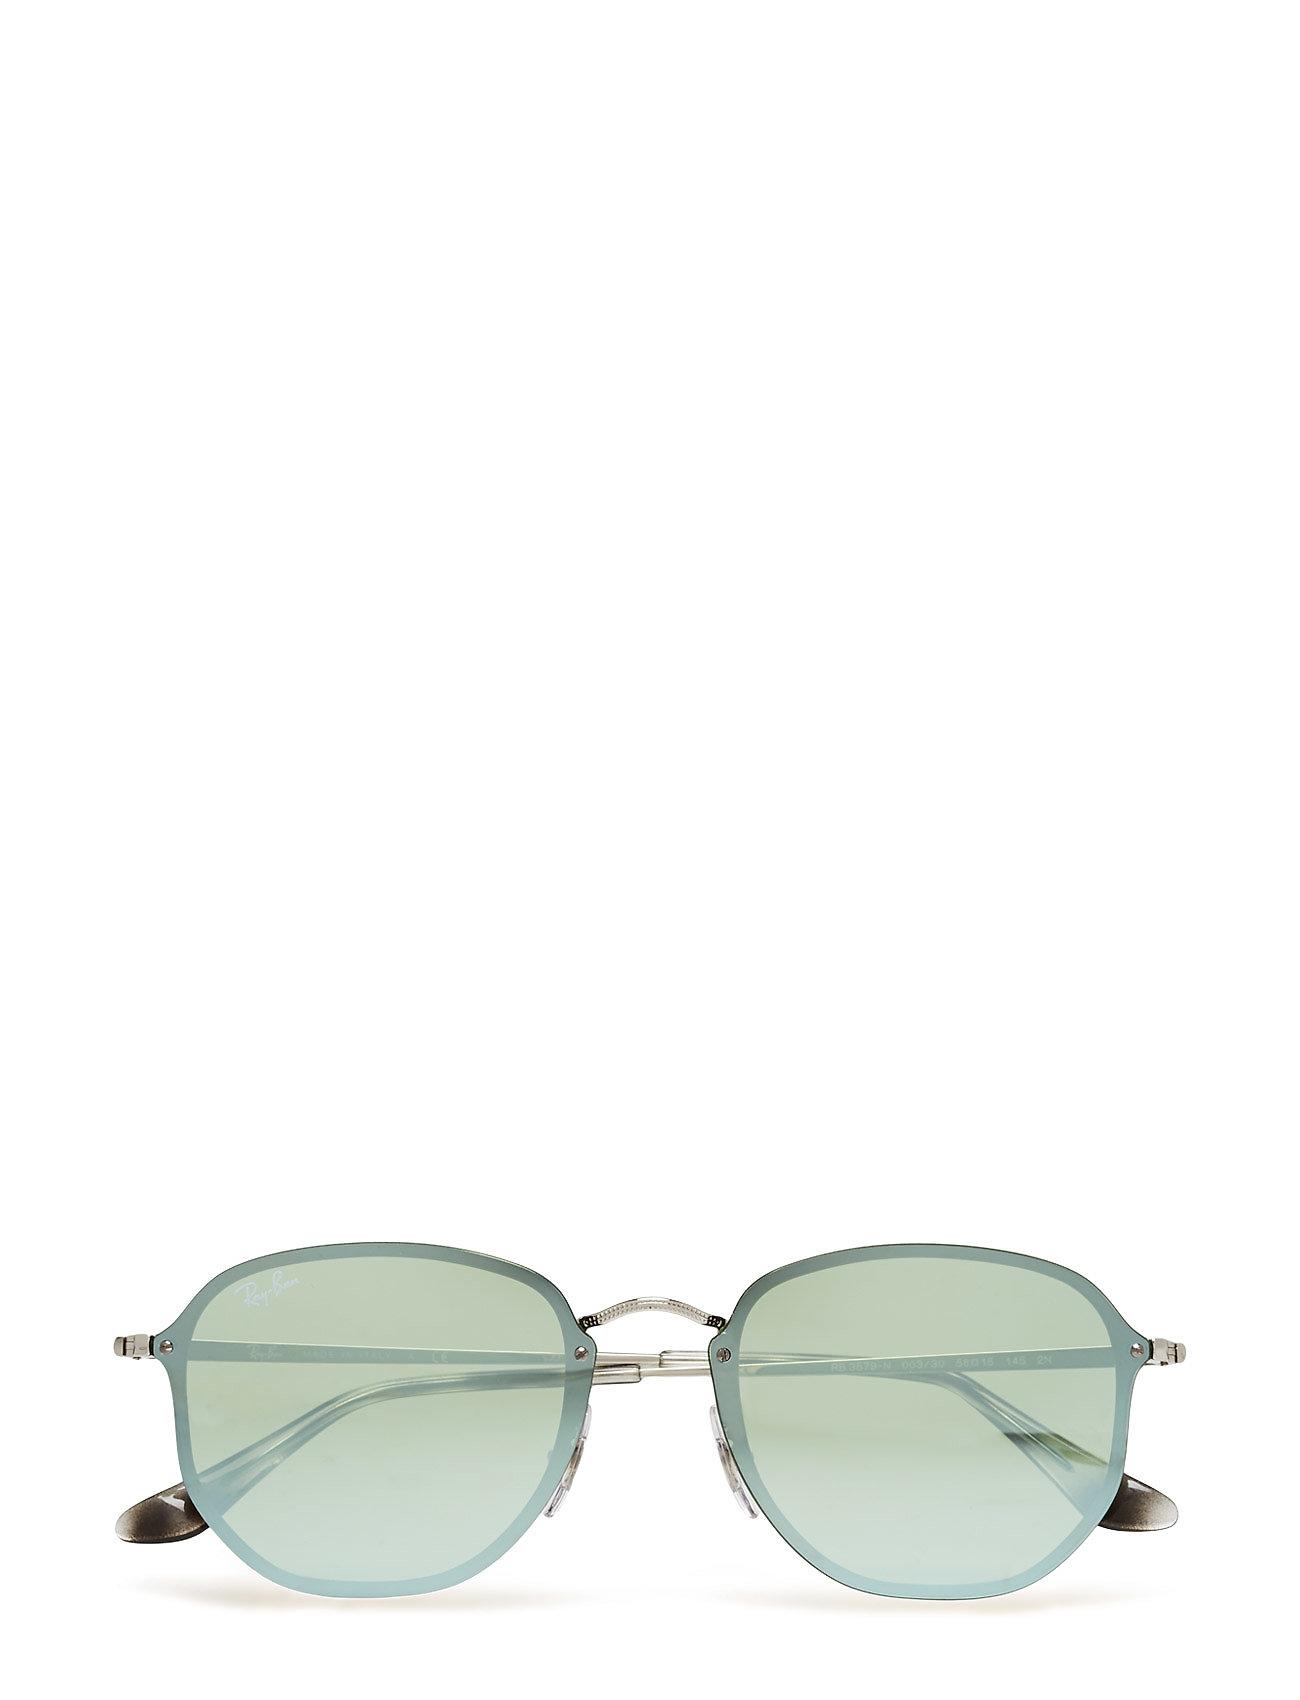 634cb1ab41d1 Highstreet solbriller fra Ray-Ban til dame i Sølv - Pashion.dk